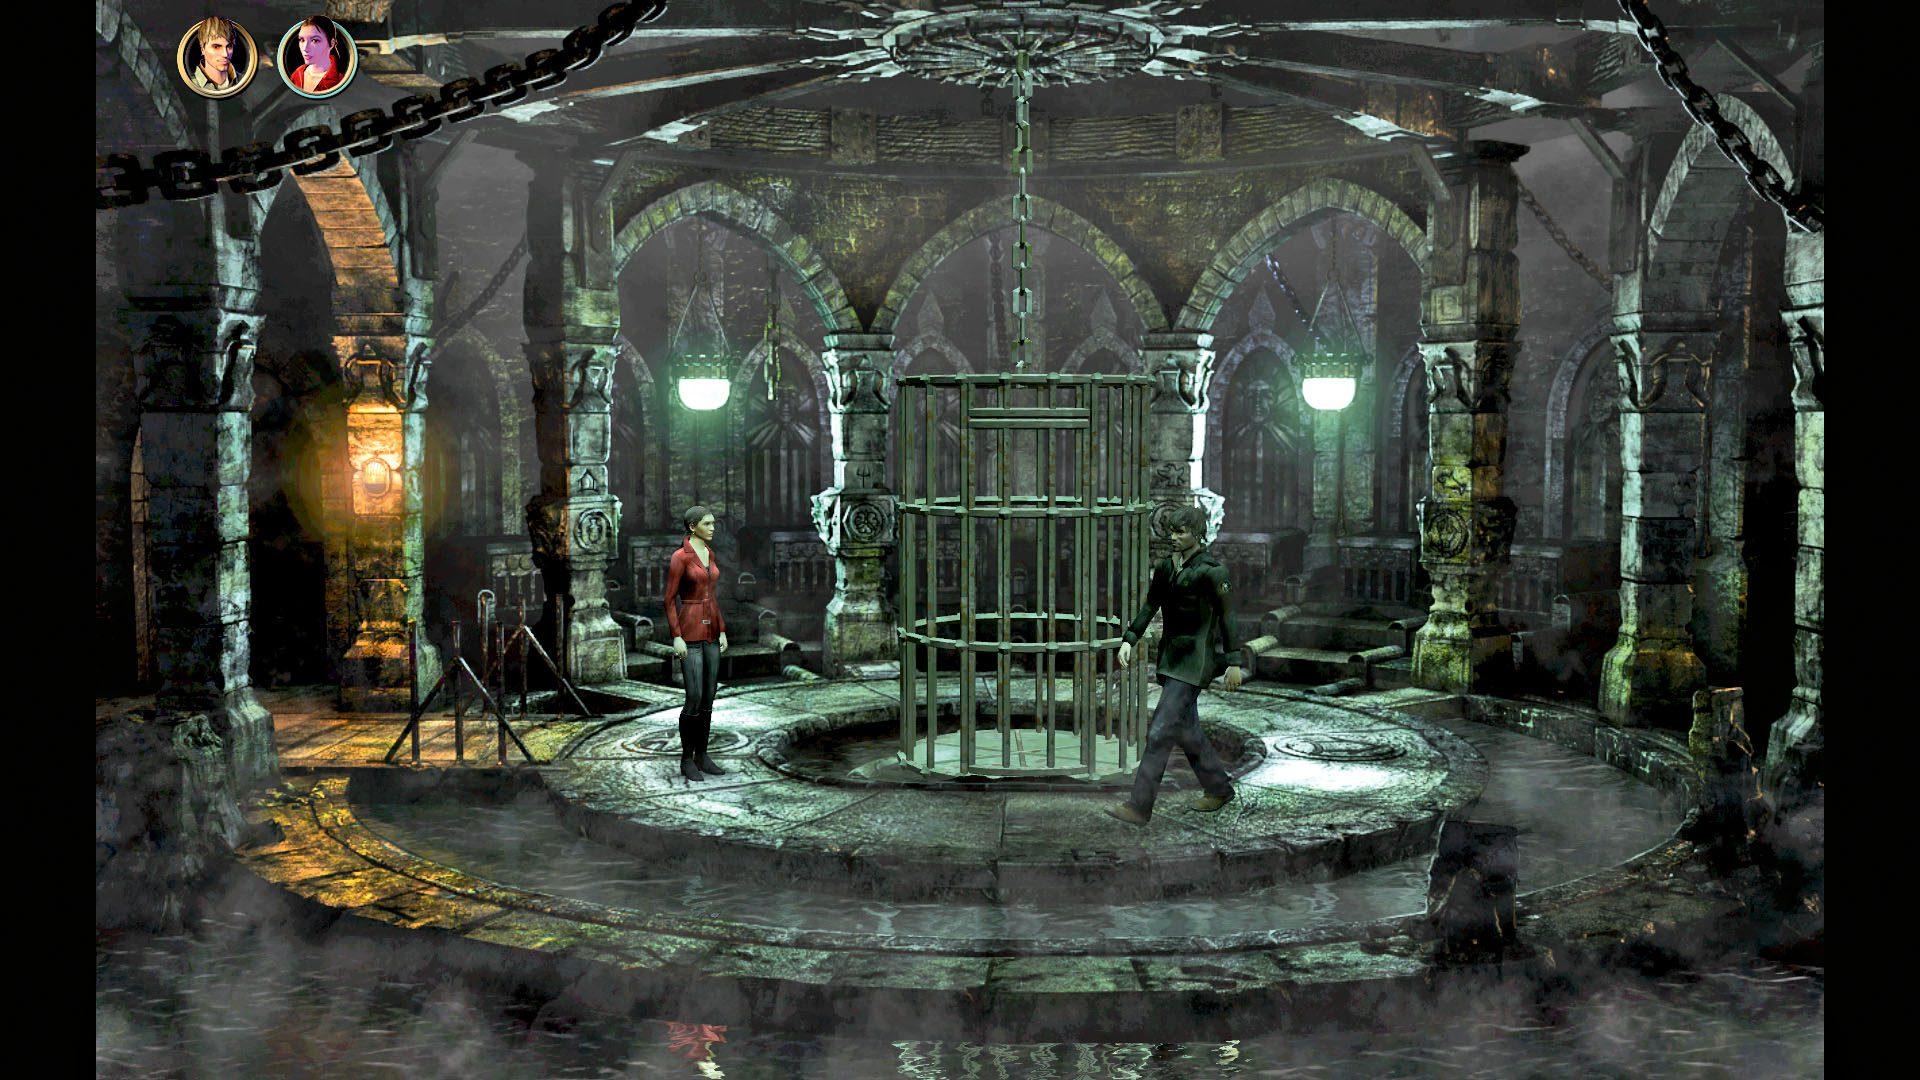 La maledizione del castello 1997 full vintage movie - 3 part 1